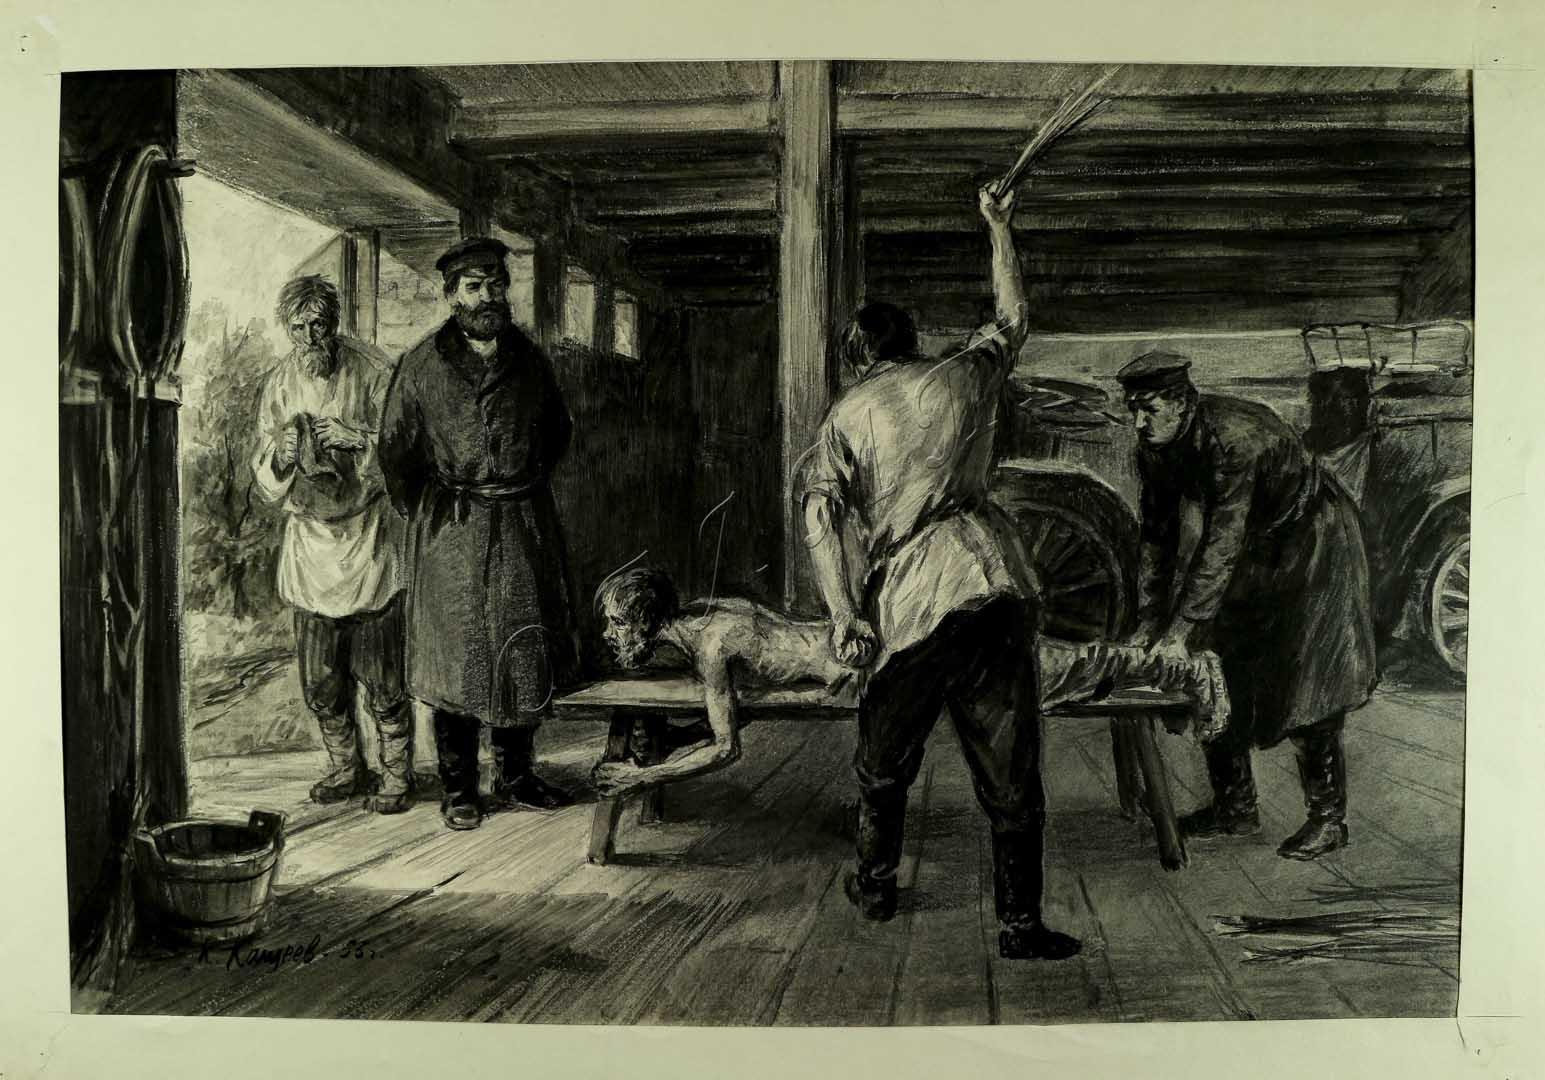 татарин избавил  крестьян от телесных наказаний помещика